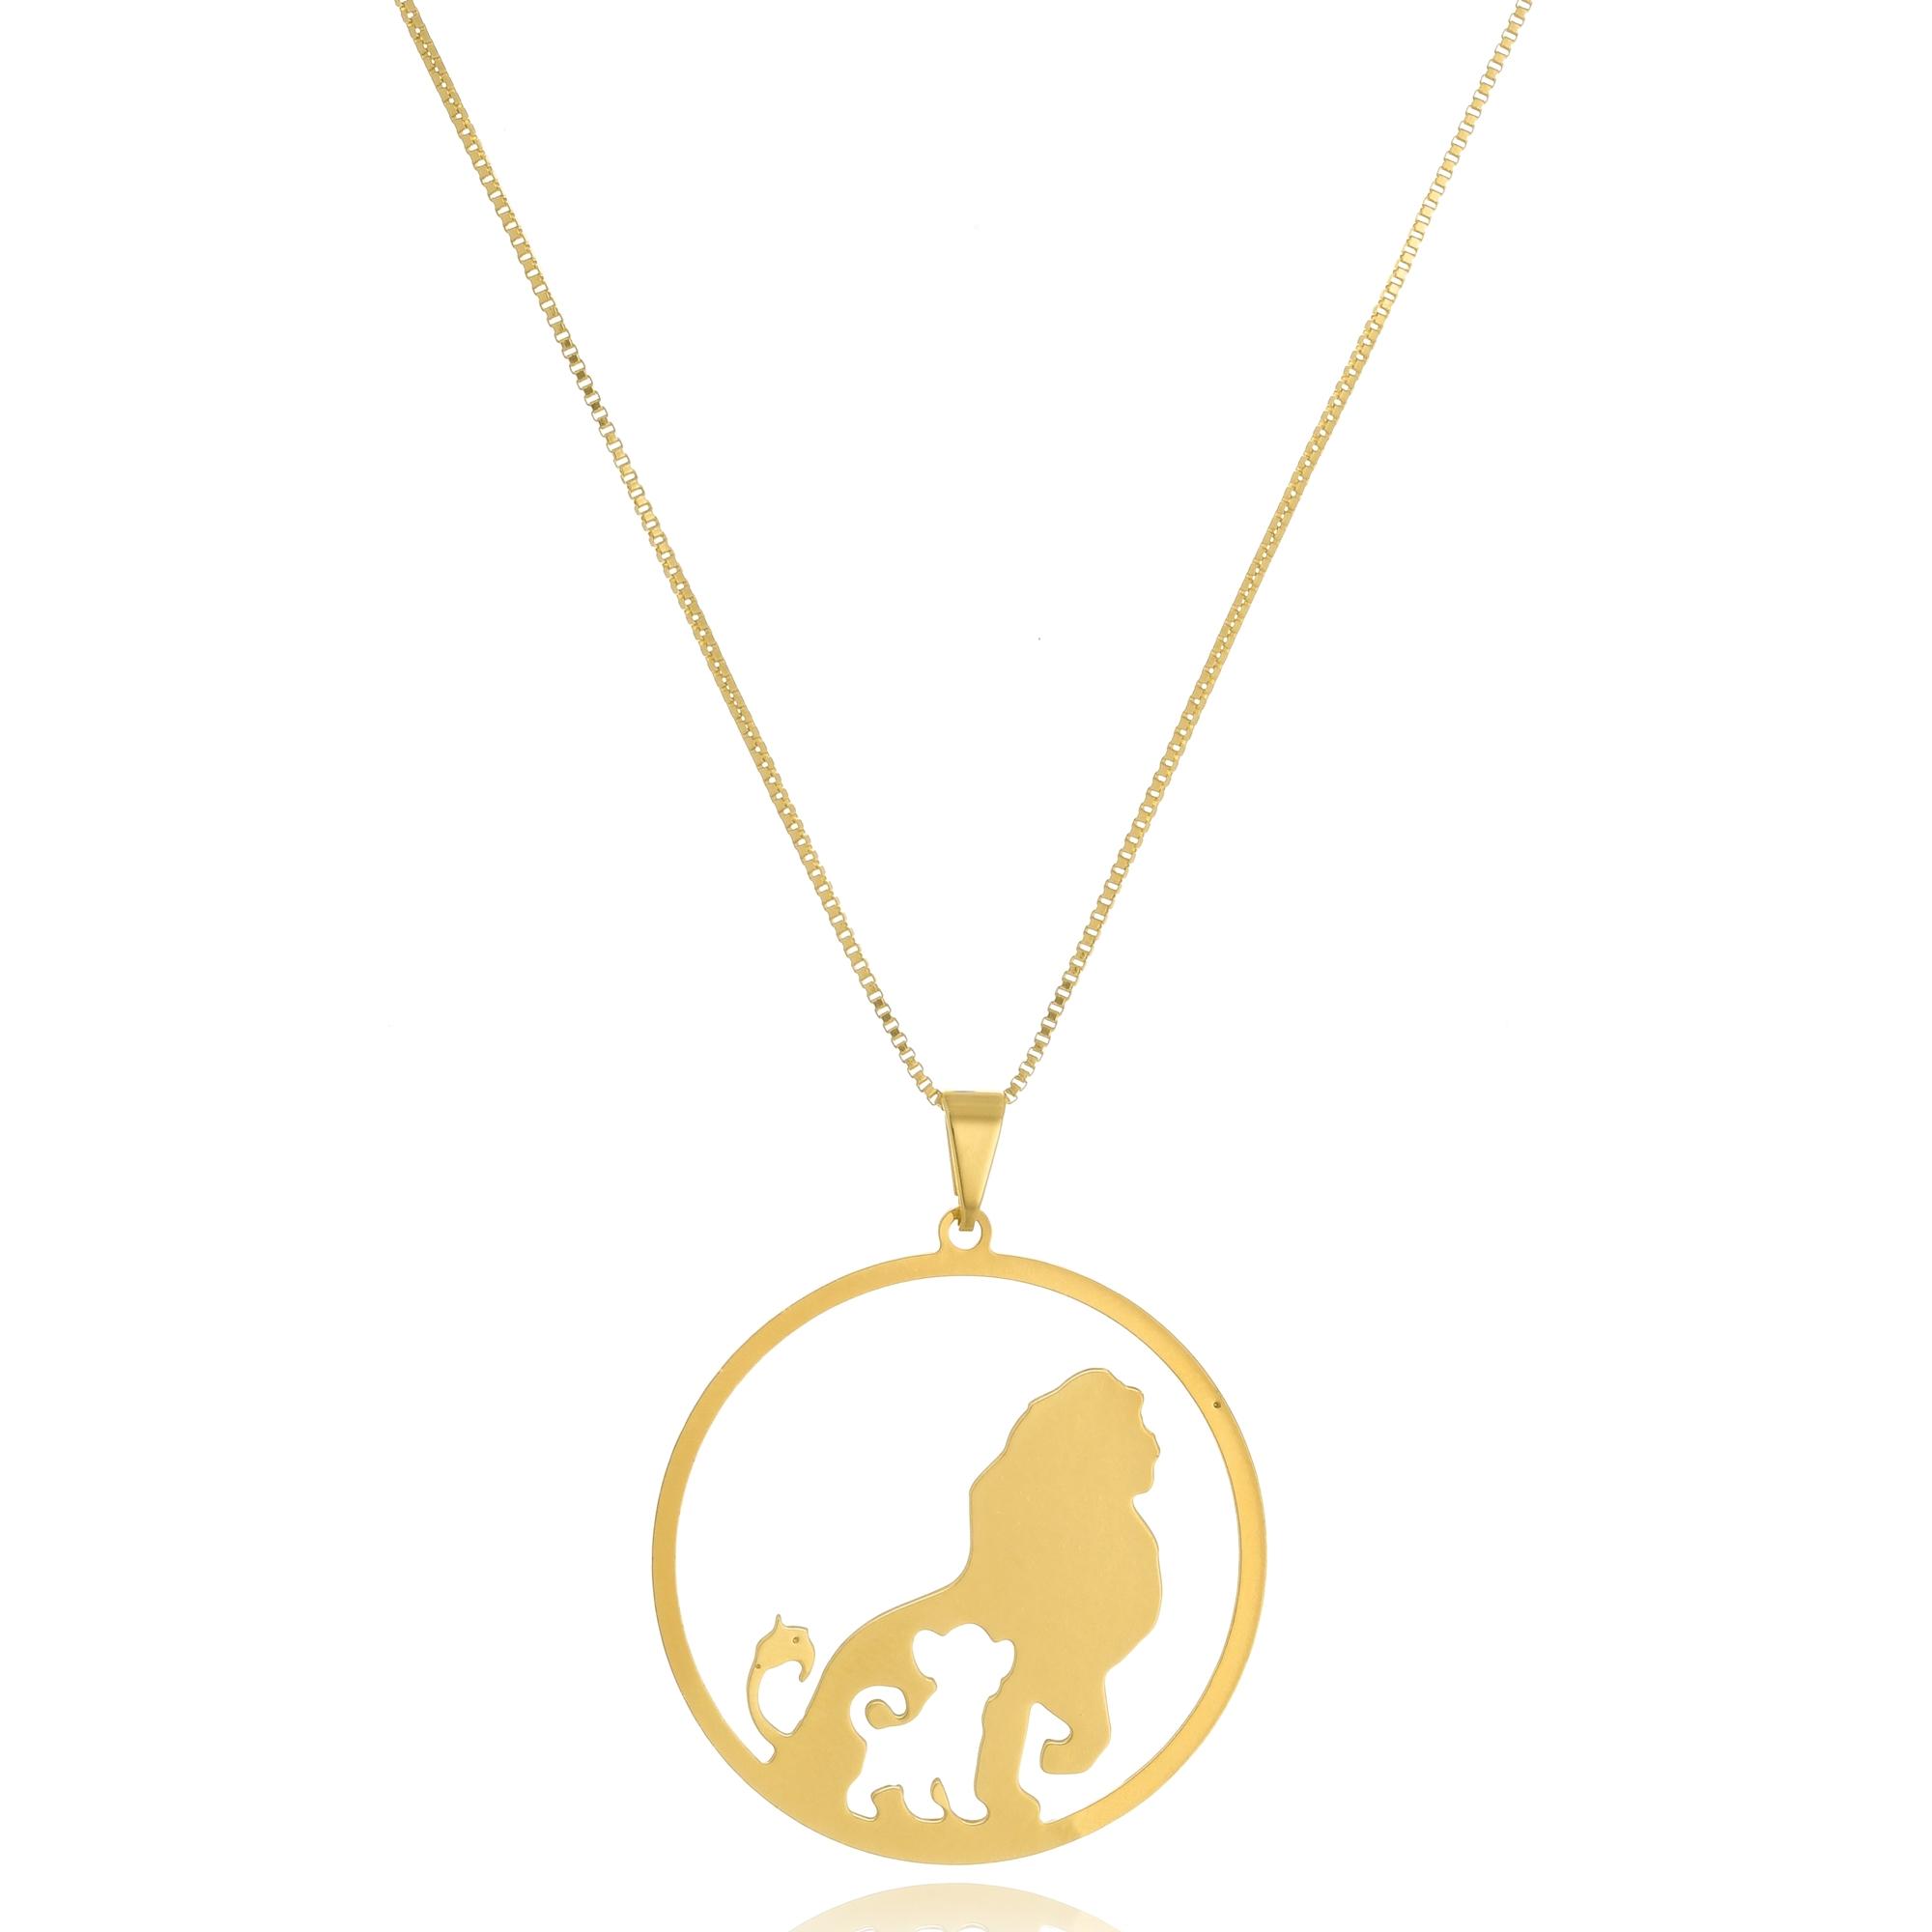 Colar Personalizado Mufasa e Simba Rei Leão  Folheado em Ouro 18k